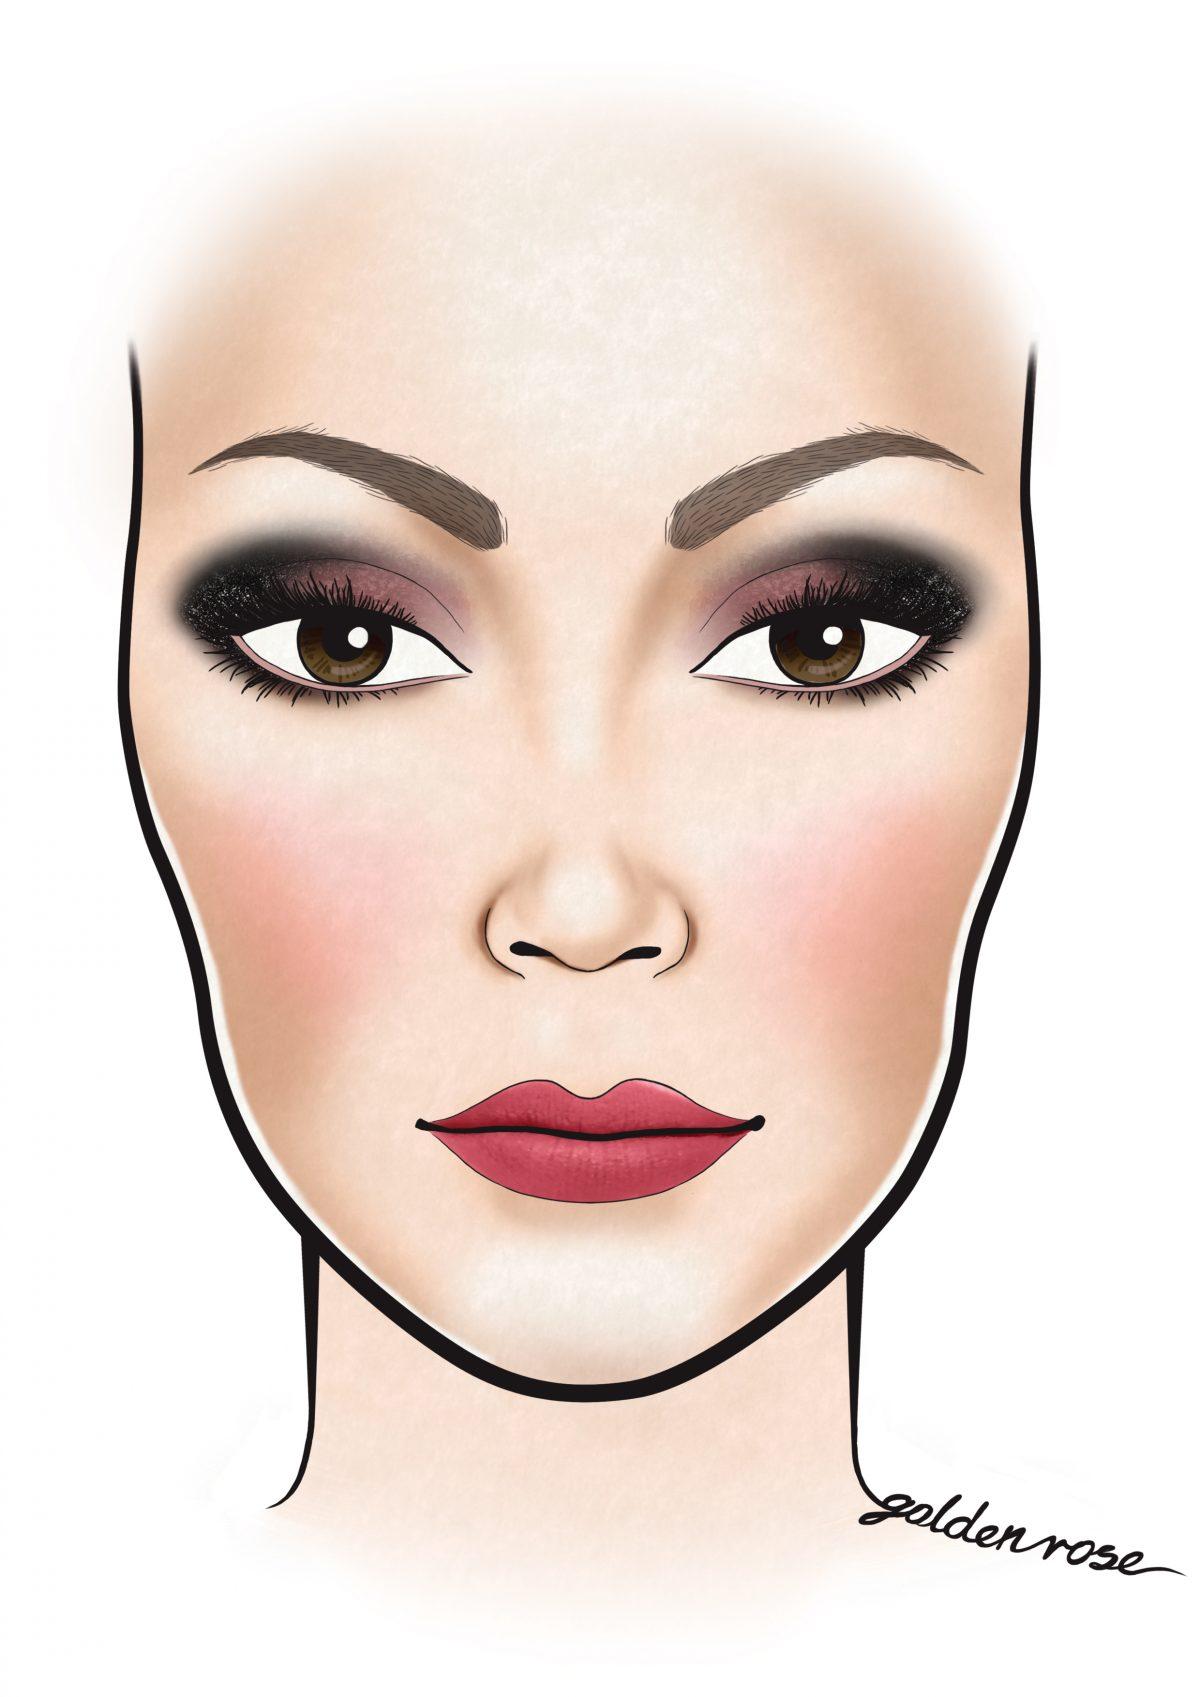 Jak zrobić perfekcyjne smokey eyes – cienie do powiek, paleta, a może…? Krótki poradnik